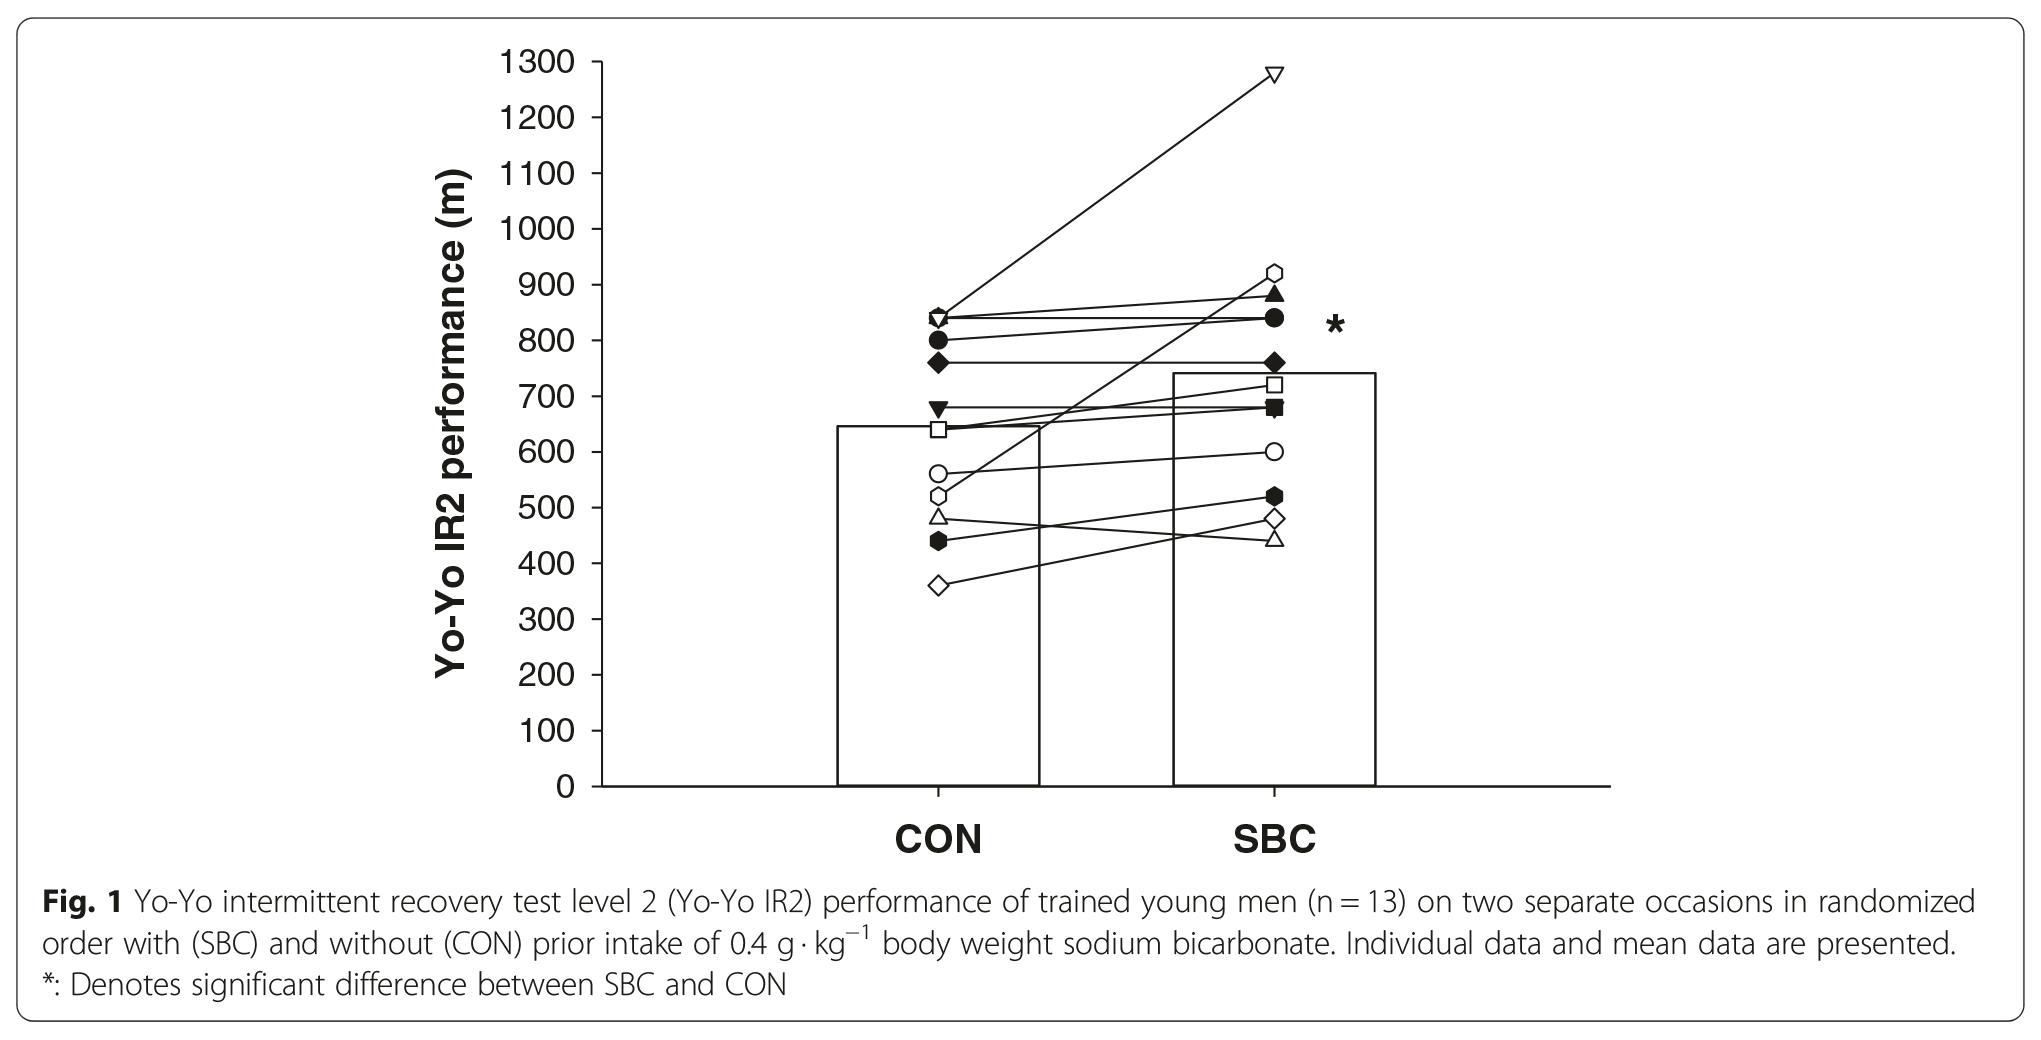 Individual Yo-Yo test response to sodium bicarbonate